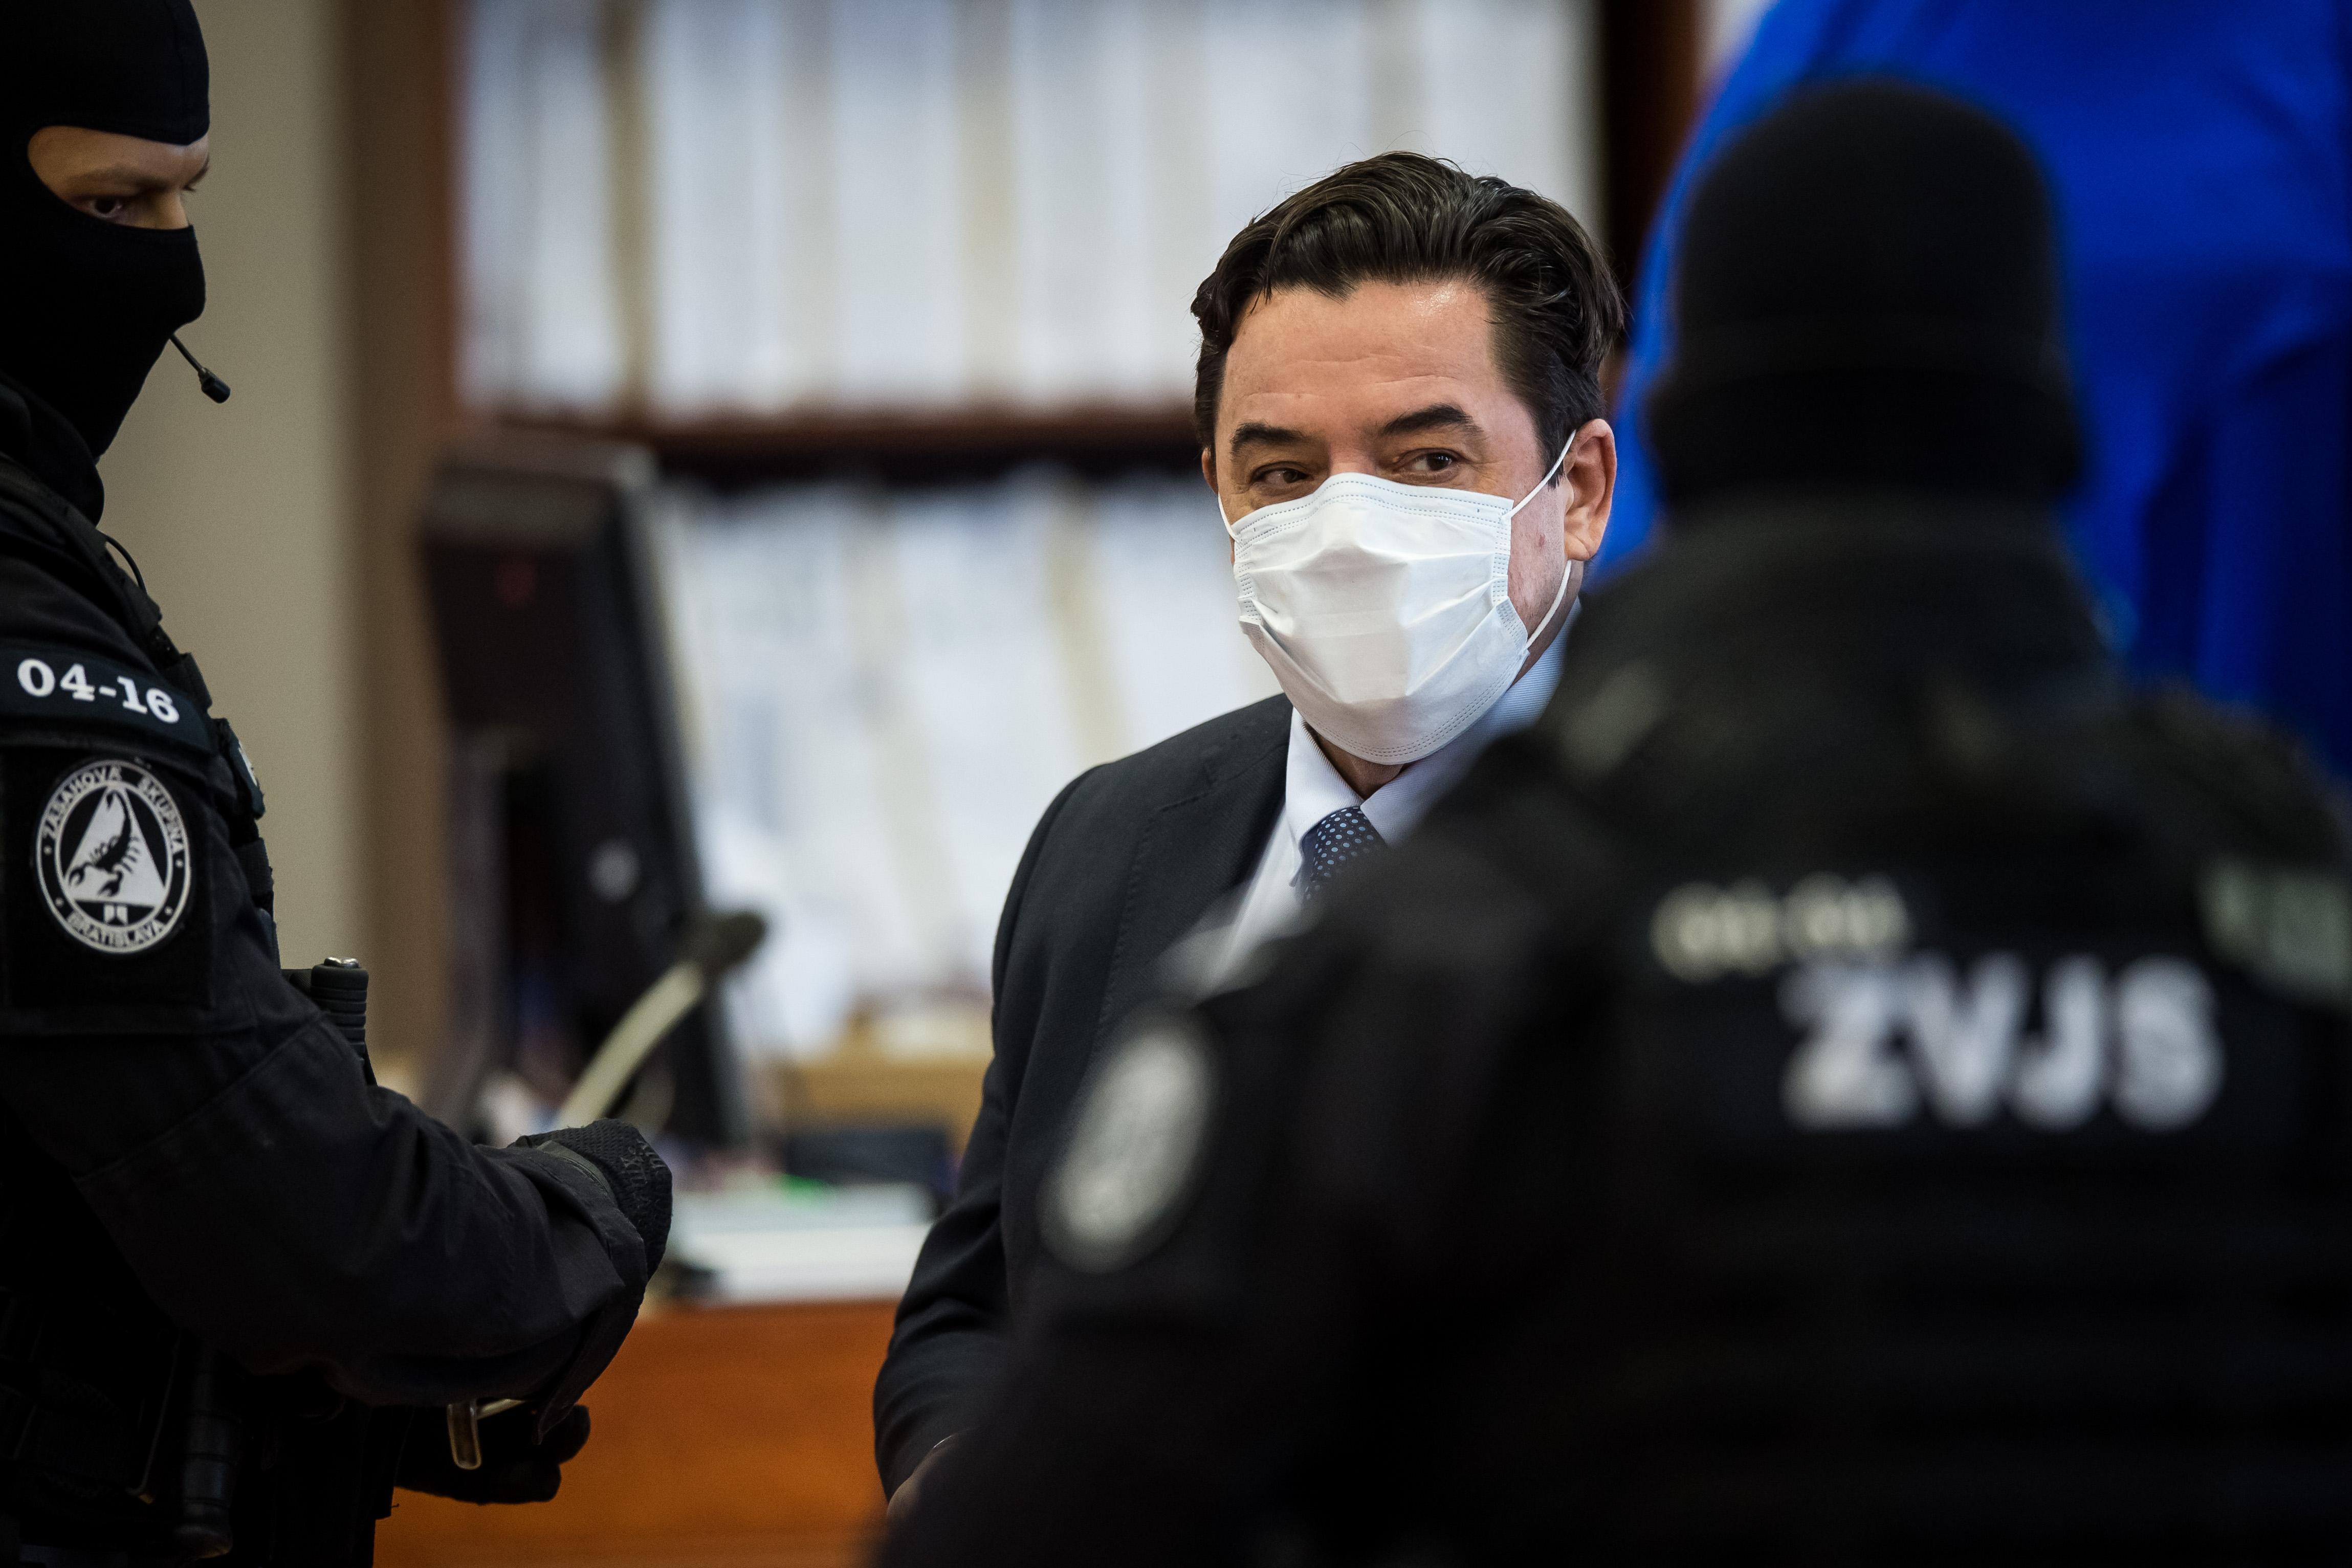 A szlovák legfelsőbb bíróság érvénytelenítette a döntést, amely felmentette a Kuciak-gyilkosság megrendelésével vádolt nagyvállalkozót